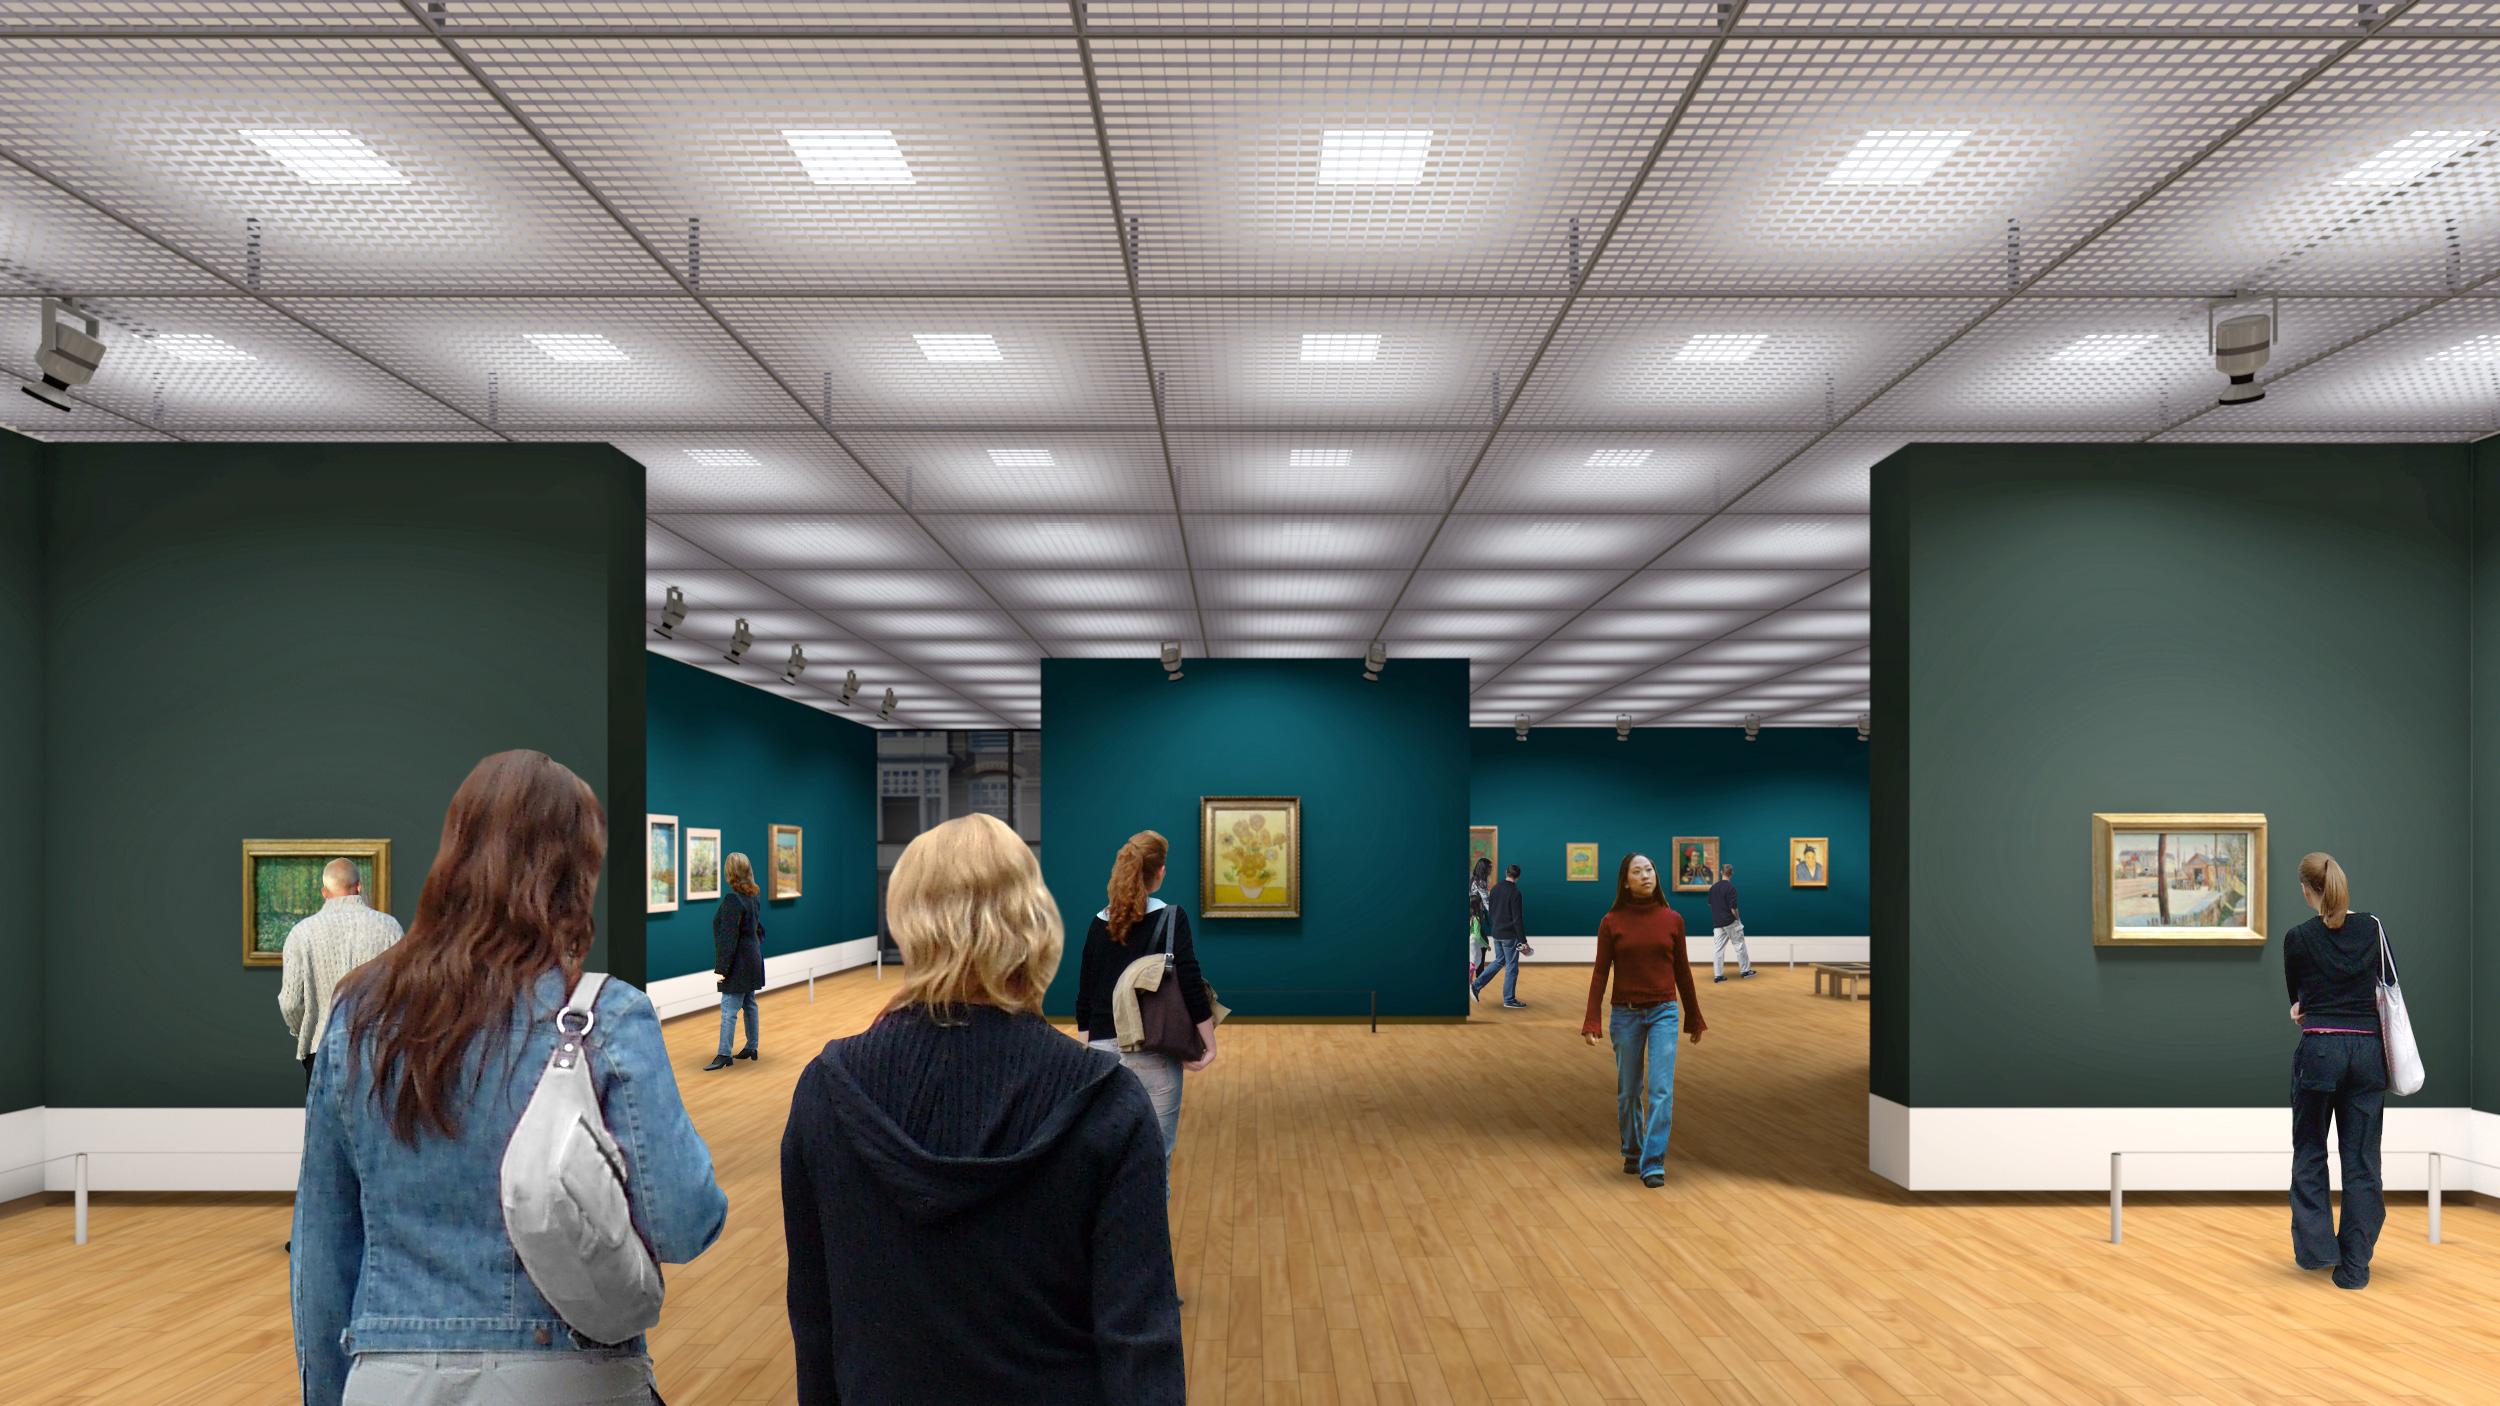 De nieuwe opzet van het museum (Floris Visualisaties / VGM)